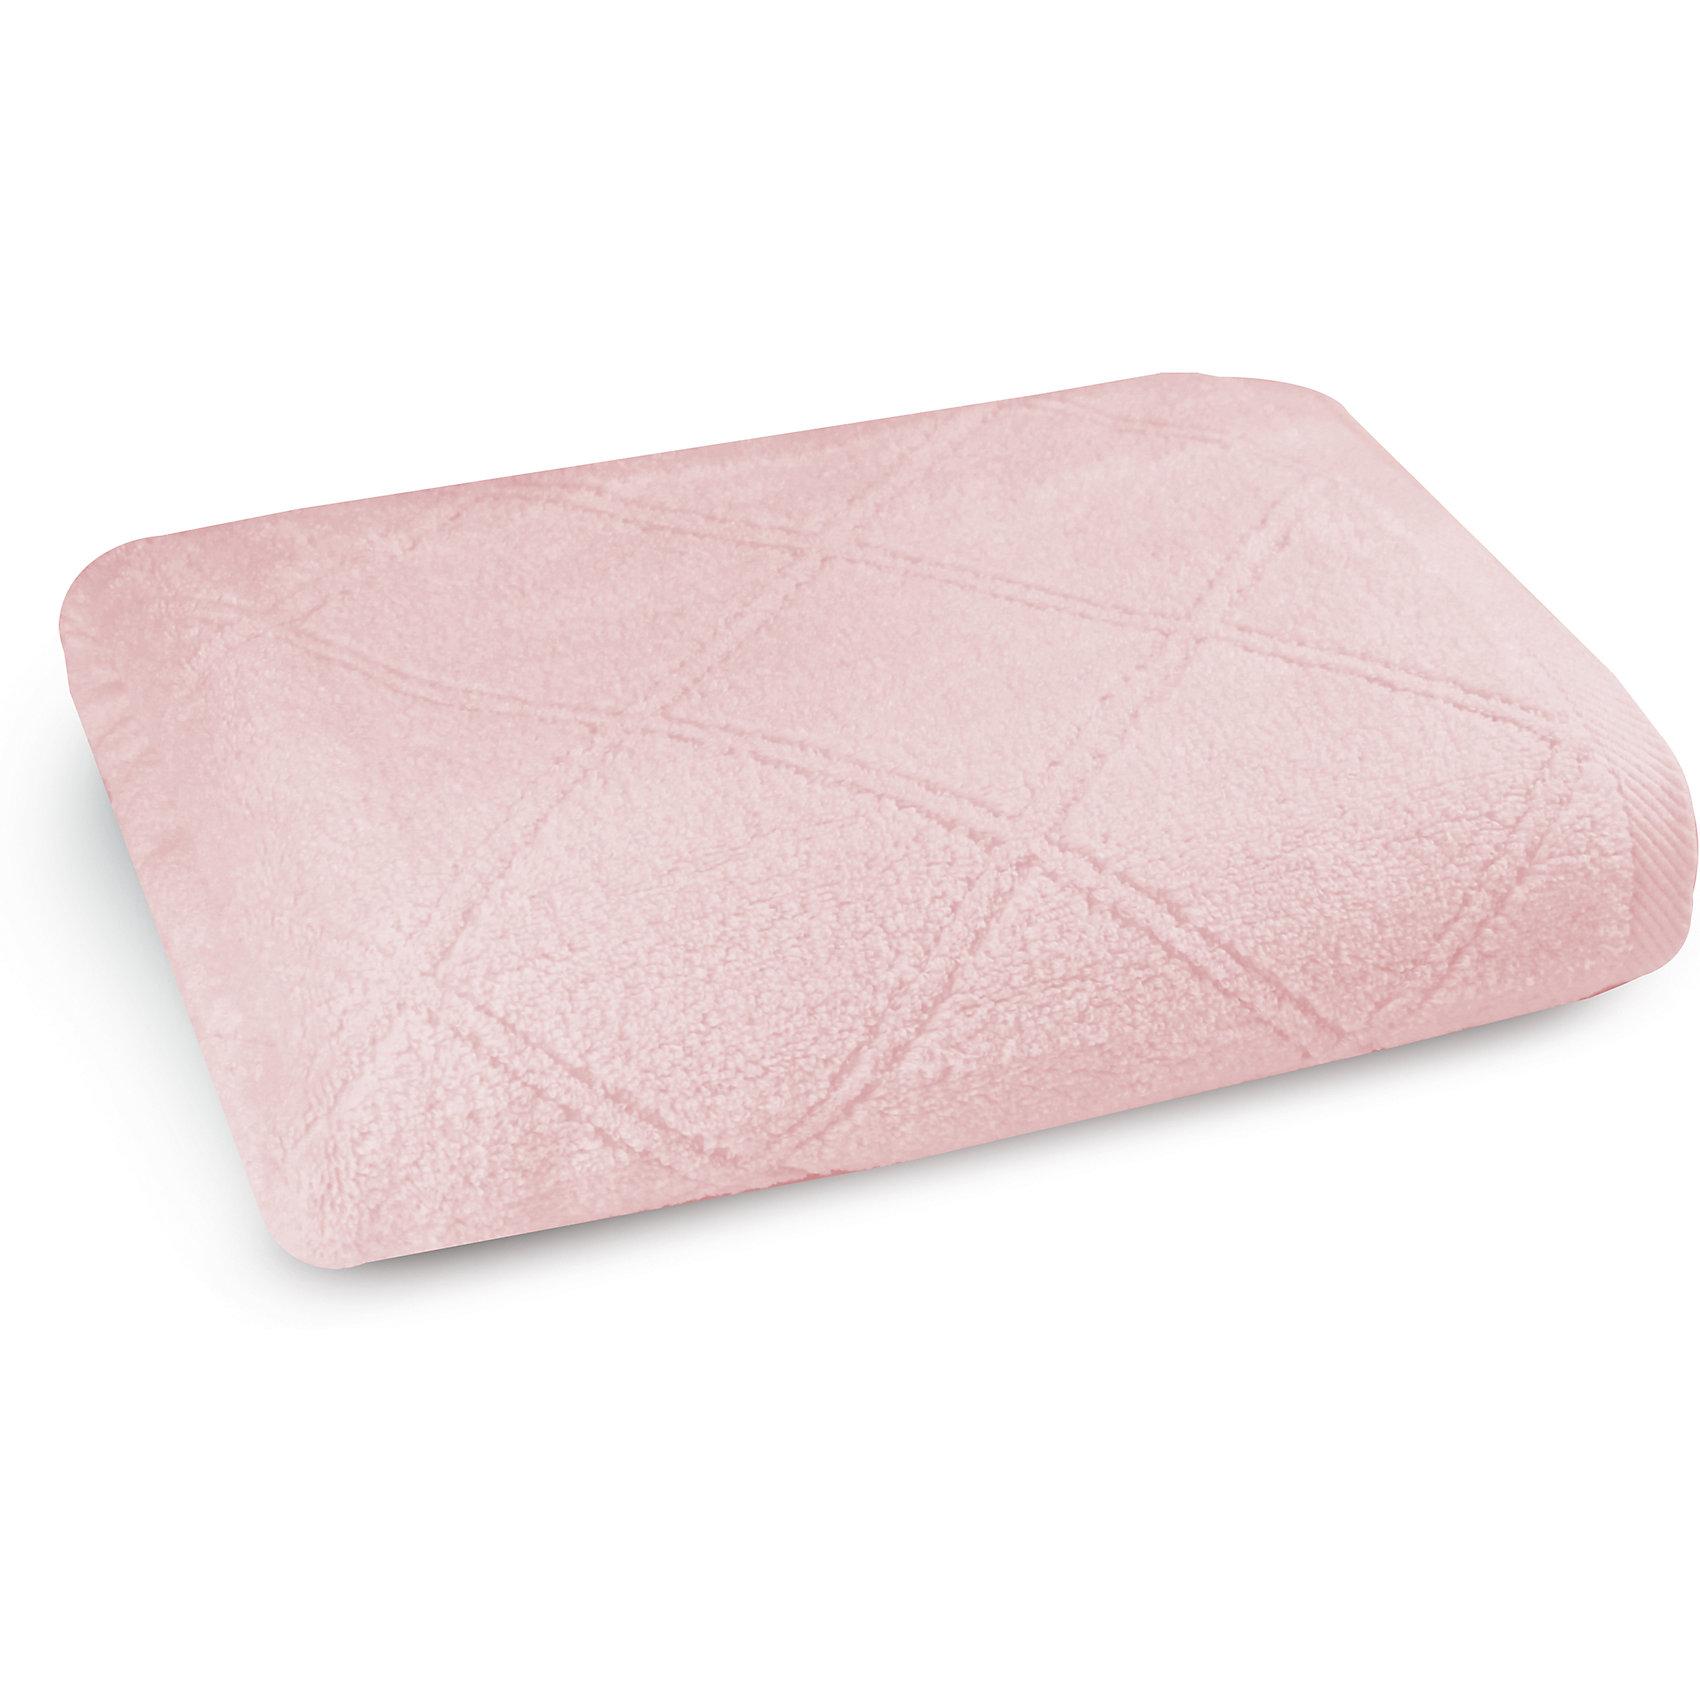 Полотенце махровое 50х90, Cozy Home, розовыйВанная комната<br>Полотенце махровое 50х90, Cozy Home (Кози Хоум), розовый<br><br>Характеристики:<br><br>• мягкое полотенце, приятное на ощупь<br>• хорошо впитывает влагу<br>• легко стирать<br>• материал: хлопок<br>• размер: 50х90 см<br>• цвет: розовый<br><br>Выбирая полотенце, важно обратить внимание на материал. Полотенце от Cozy Home изготовлено из качественного хлопка, поэтому оно очень приятно телу и не вызывает раздражения и аллергии. Полотенце хорошо впитывает влагу, а также быстро высыхает. Любые загрязнения вы с легкостью сможете отстирать при температуре 40?. Также полотенце порадует вас своей долговечностью. Даже после многочисленных стирок оно не изменит свой цвет и размер. Изделие имеет однотонную расцветку, дополненную узором из ромбов. Отличный выбор для ценителей качественного текстиля!<br><br>Полотенце махровое 50х90, Cozy Home (Кози Хоум), розовый можно купить в нашем интернет-магазине.<br><br>Ширина мм: 150<br>Глубина мм: 250<br>Высота мм: 150<br>Вес г: 250<br>Возраст от месяцев: 0<br>Возраст до месяцев: 216<br>Пол: Женский<br>Возраст: Детский<br>SKU: 5355309